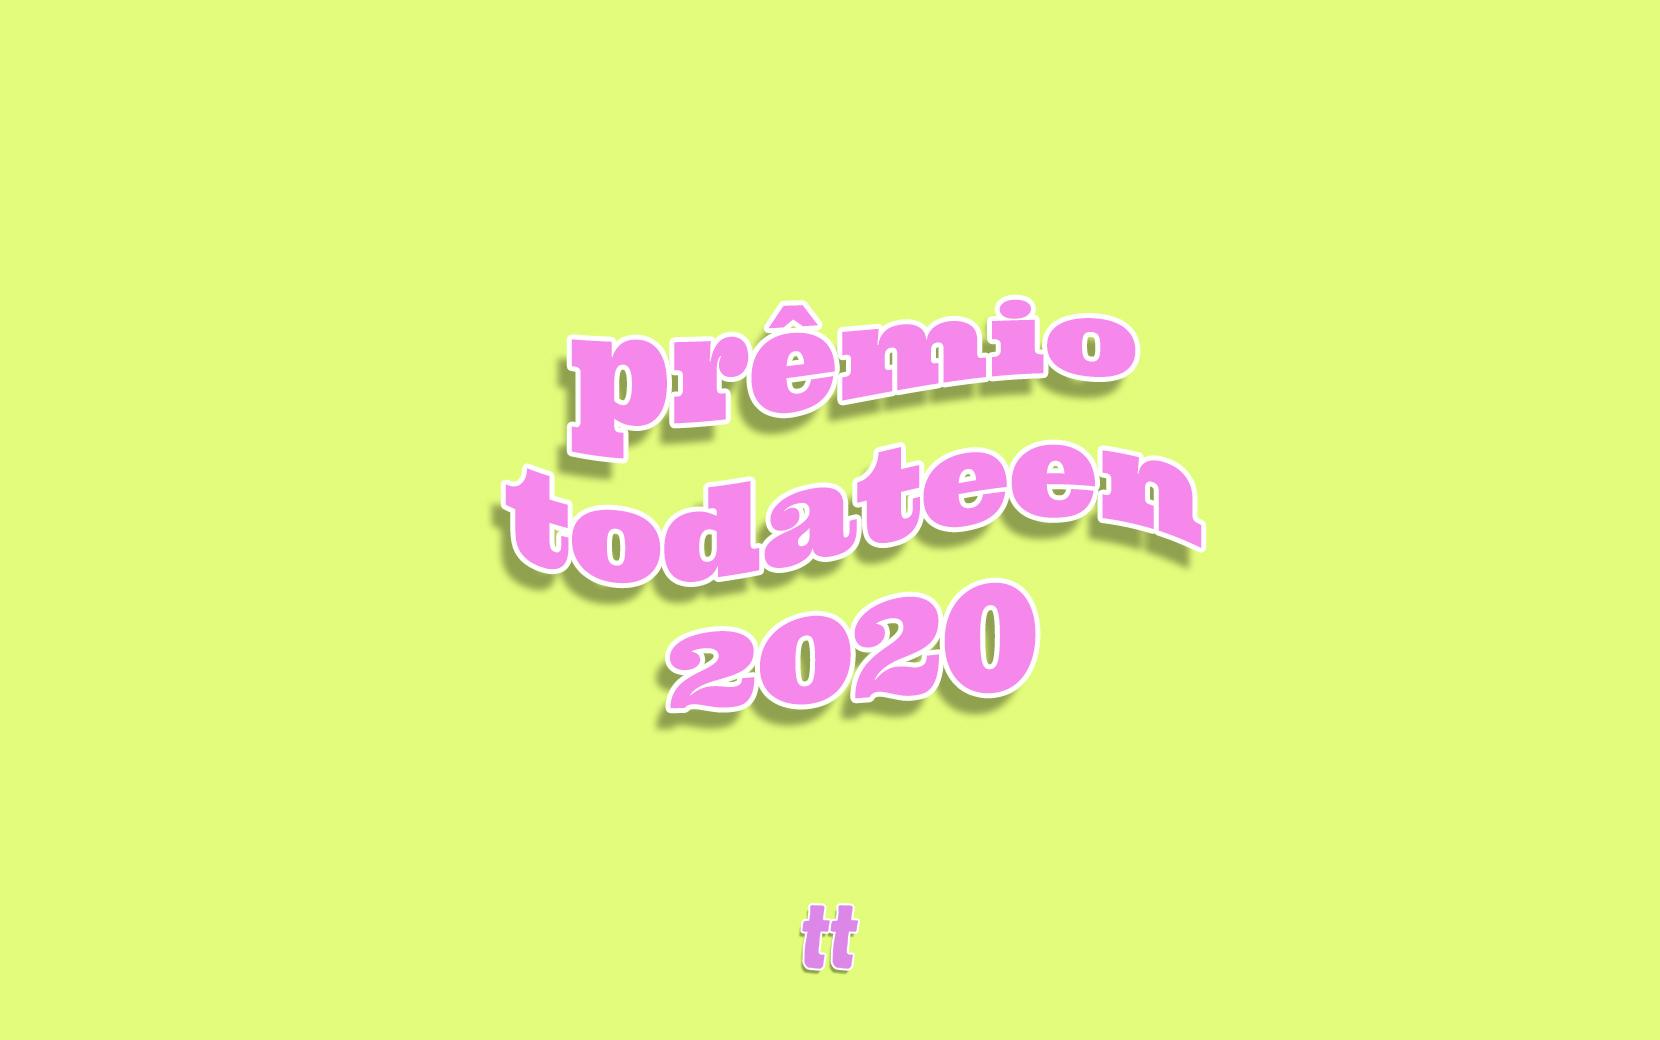 PRÊMIO TODATEEN 2020: Veja a lista completa dos vencedores e vencedoras!